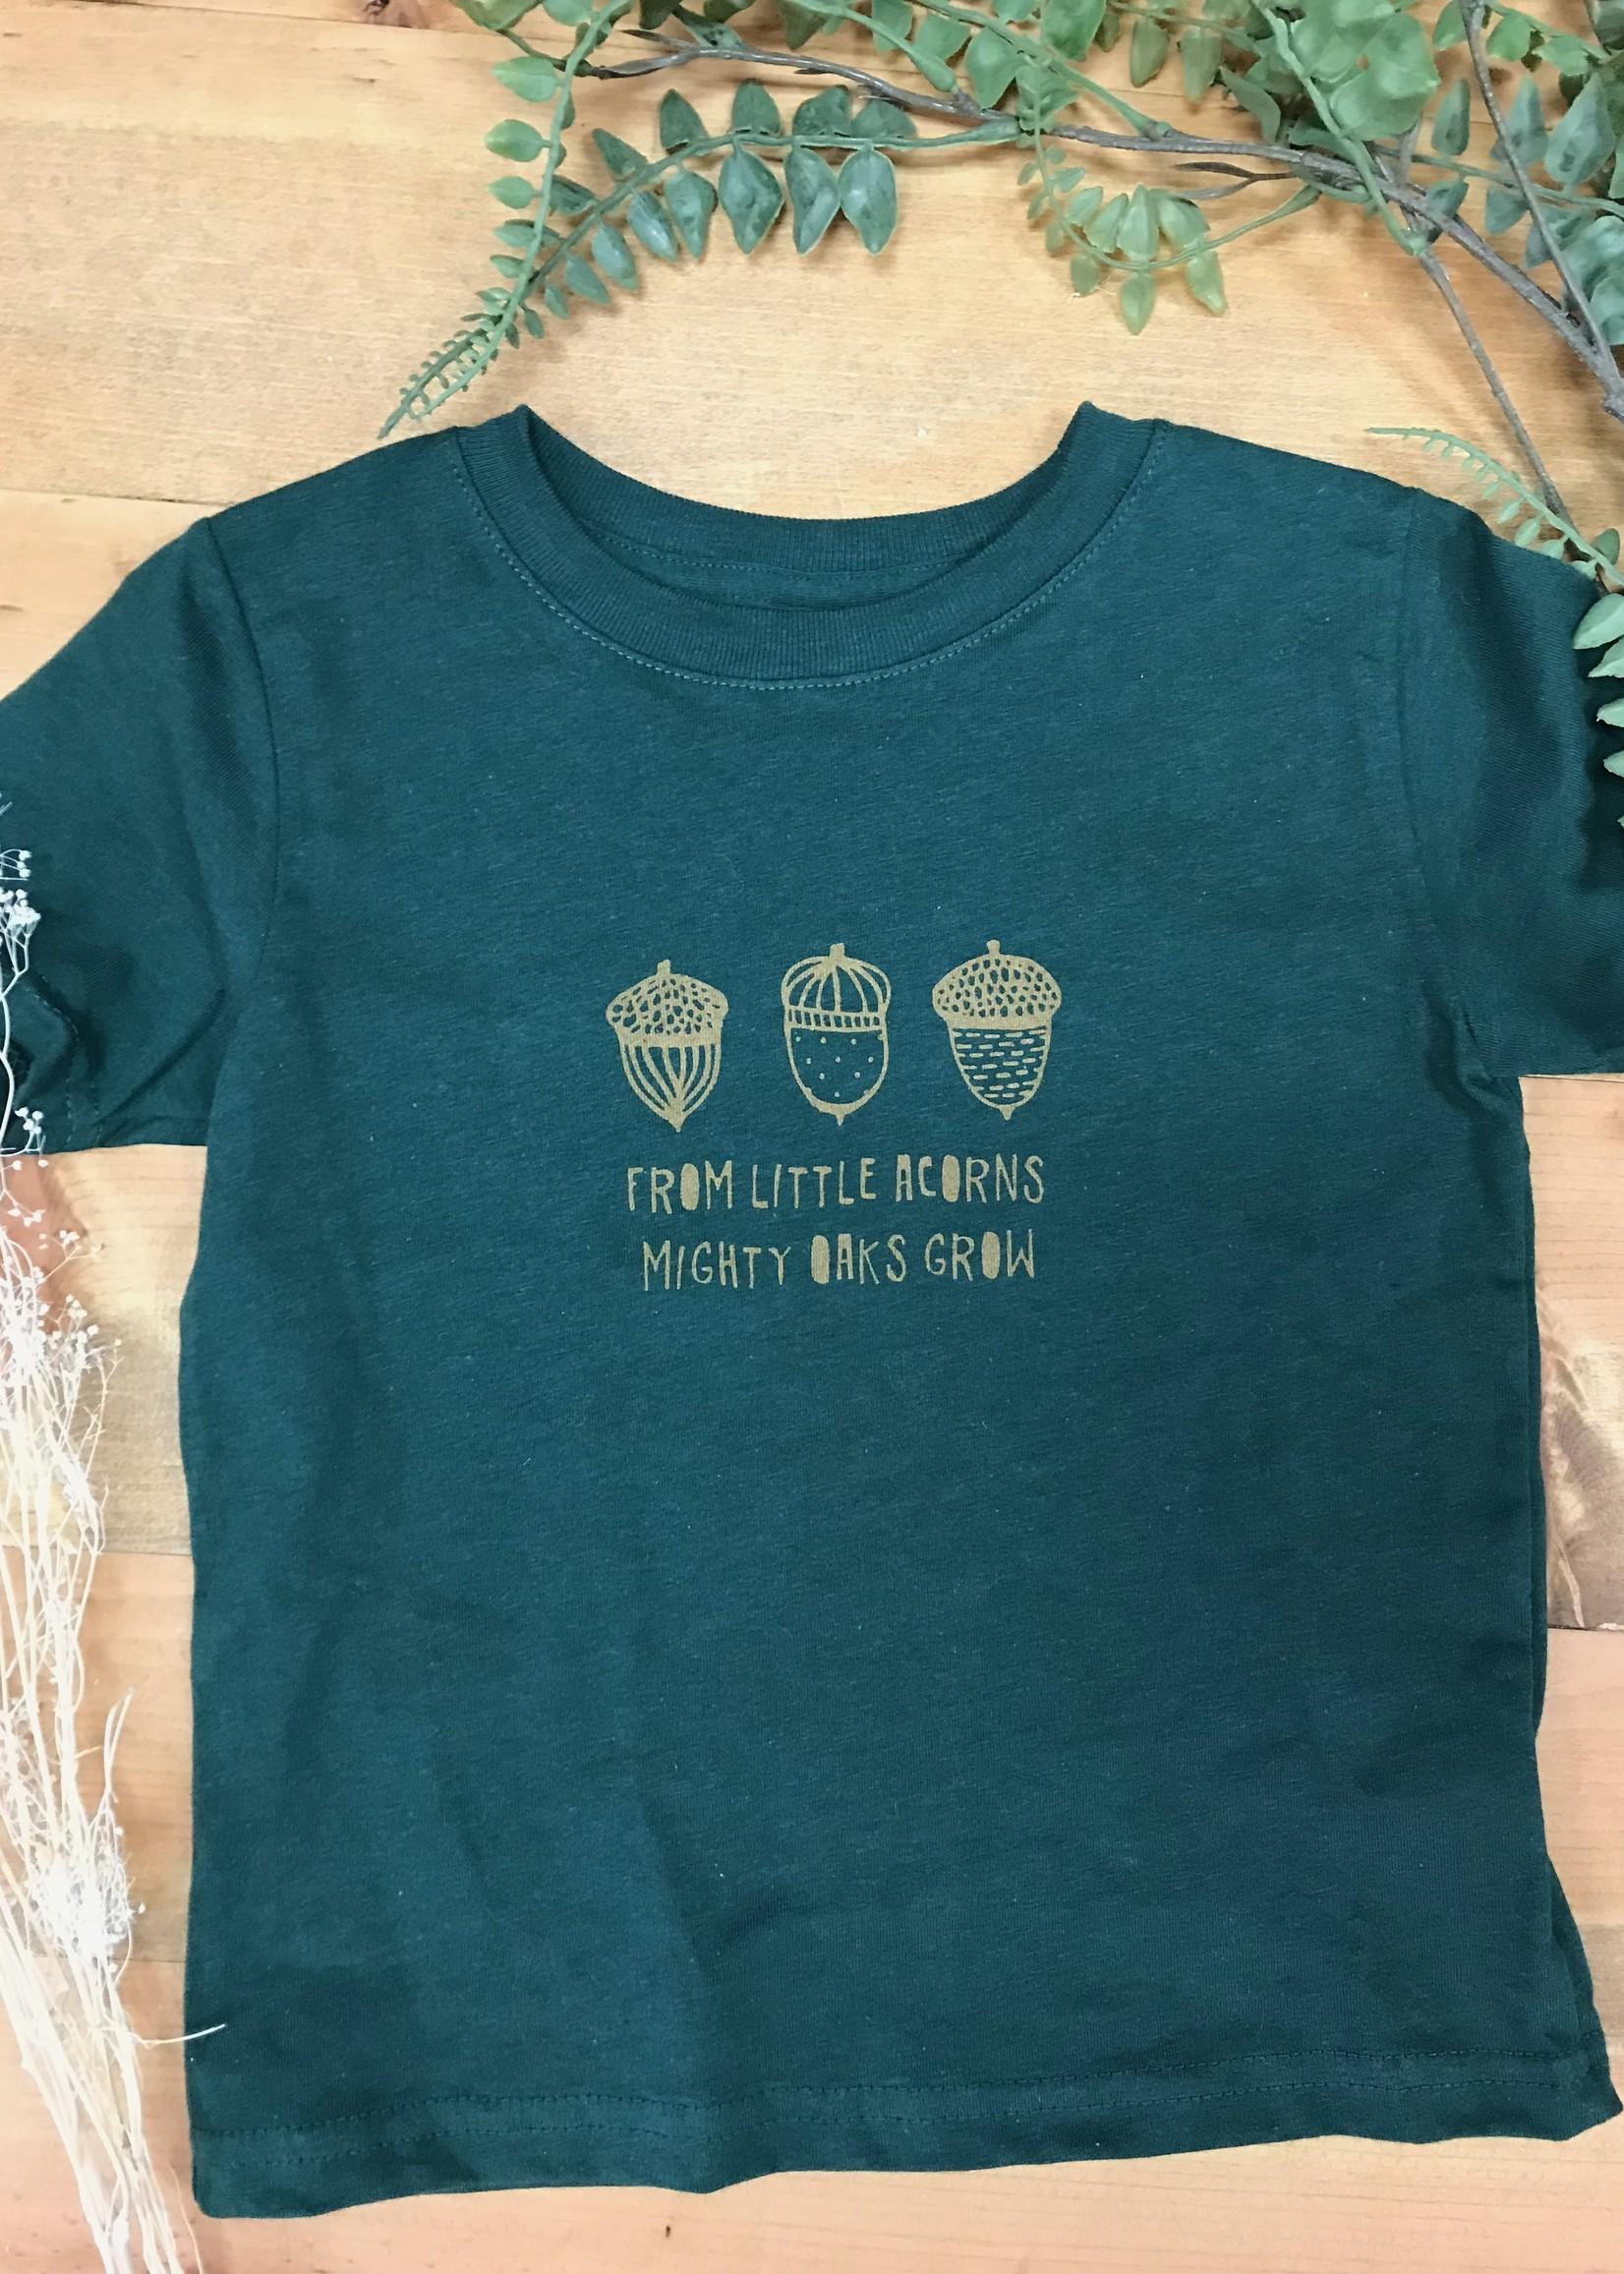 From Tiny Acorns, Might Oaks Grow Youth T-Shirt